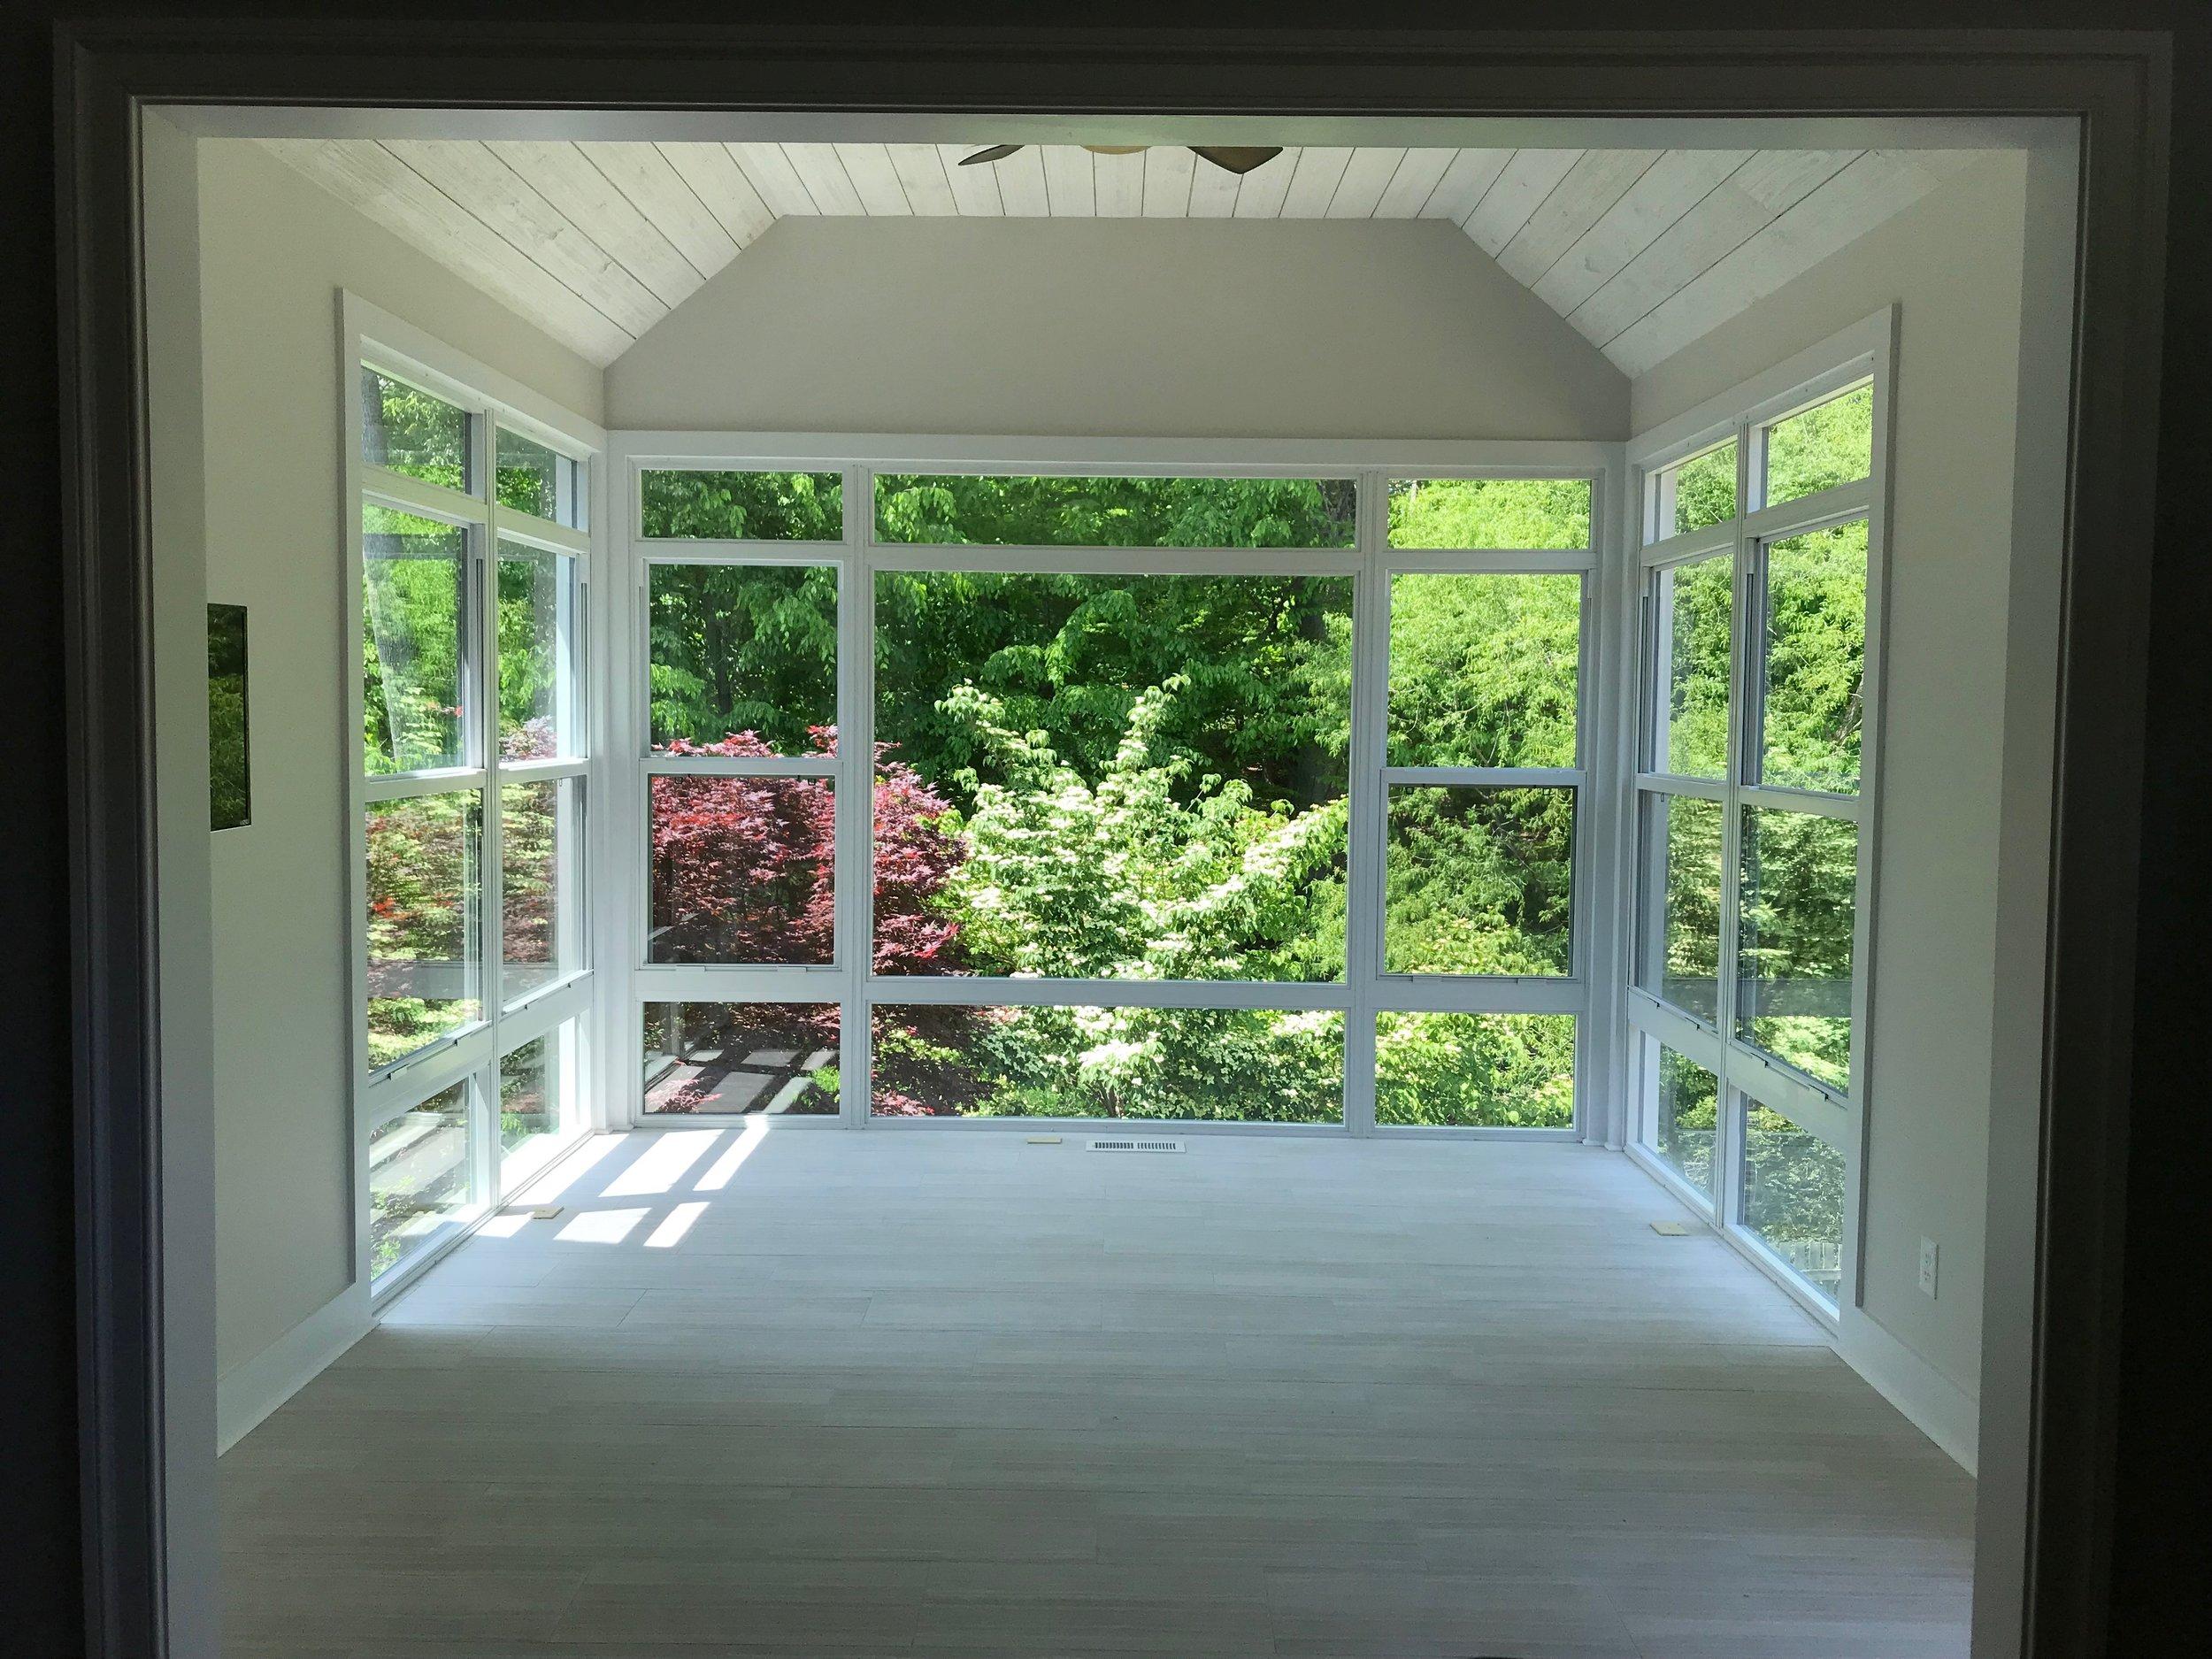 Dream 4 Seasons room with heated floors in Dunlora